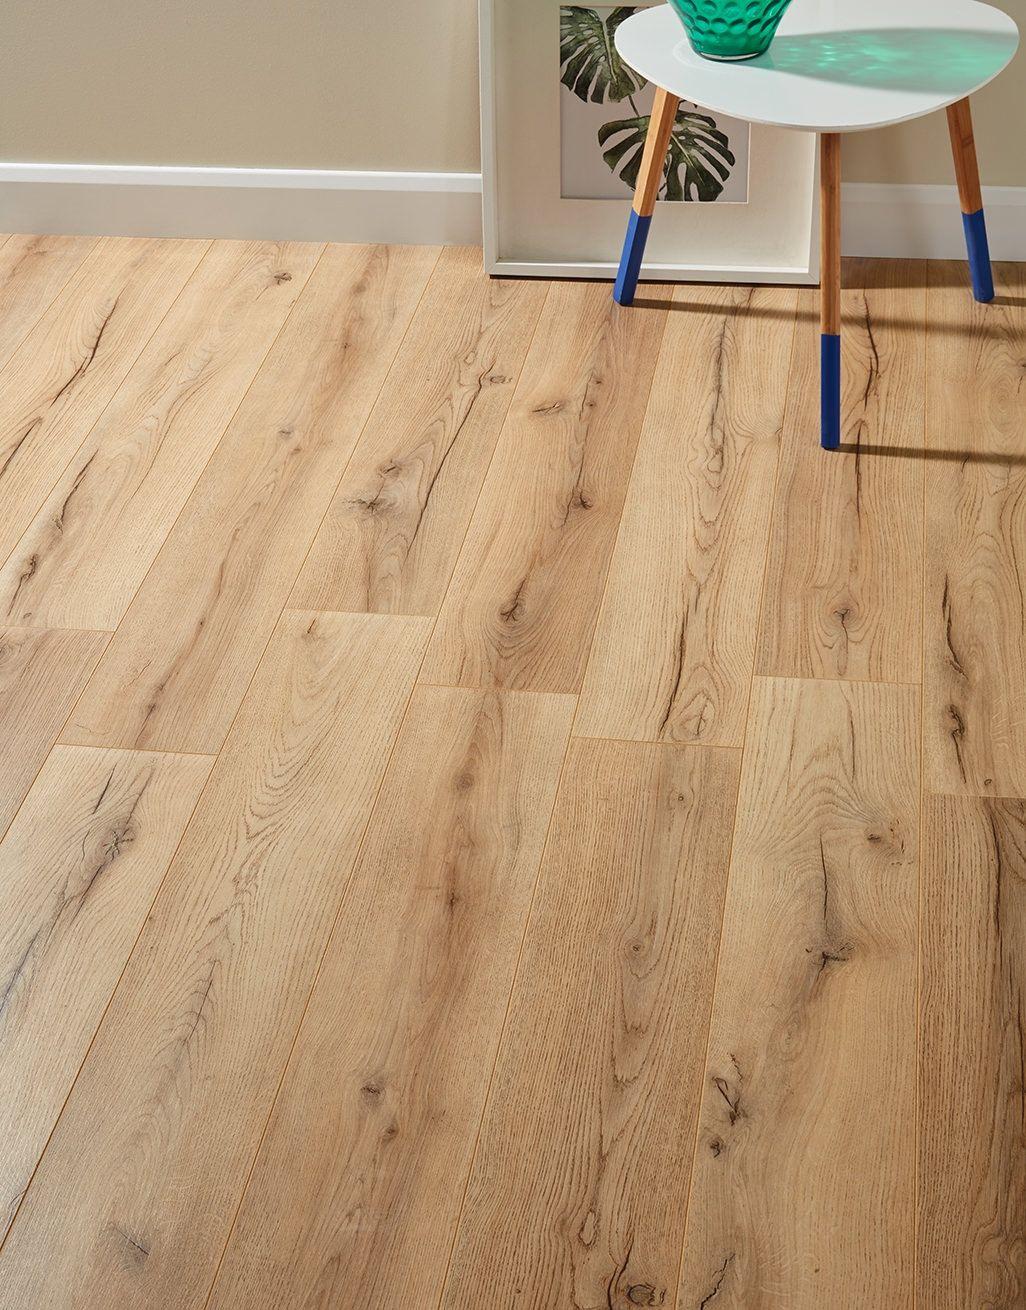 Loft Rustic Oak Laminate Flooring Oak Laminate Rustic Loft Rustic Flooring